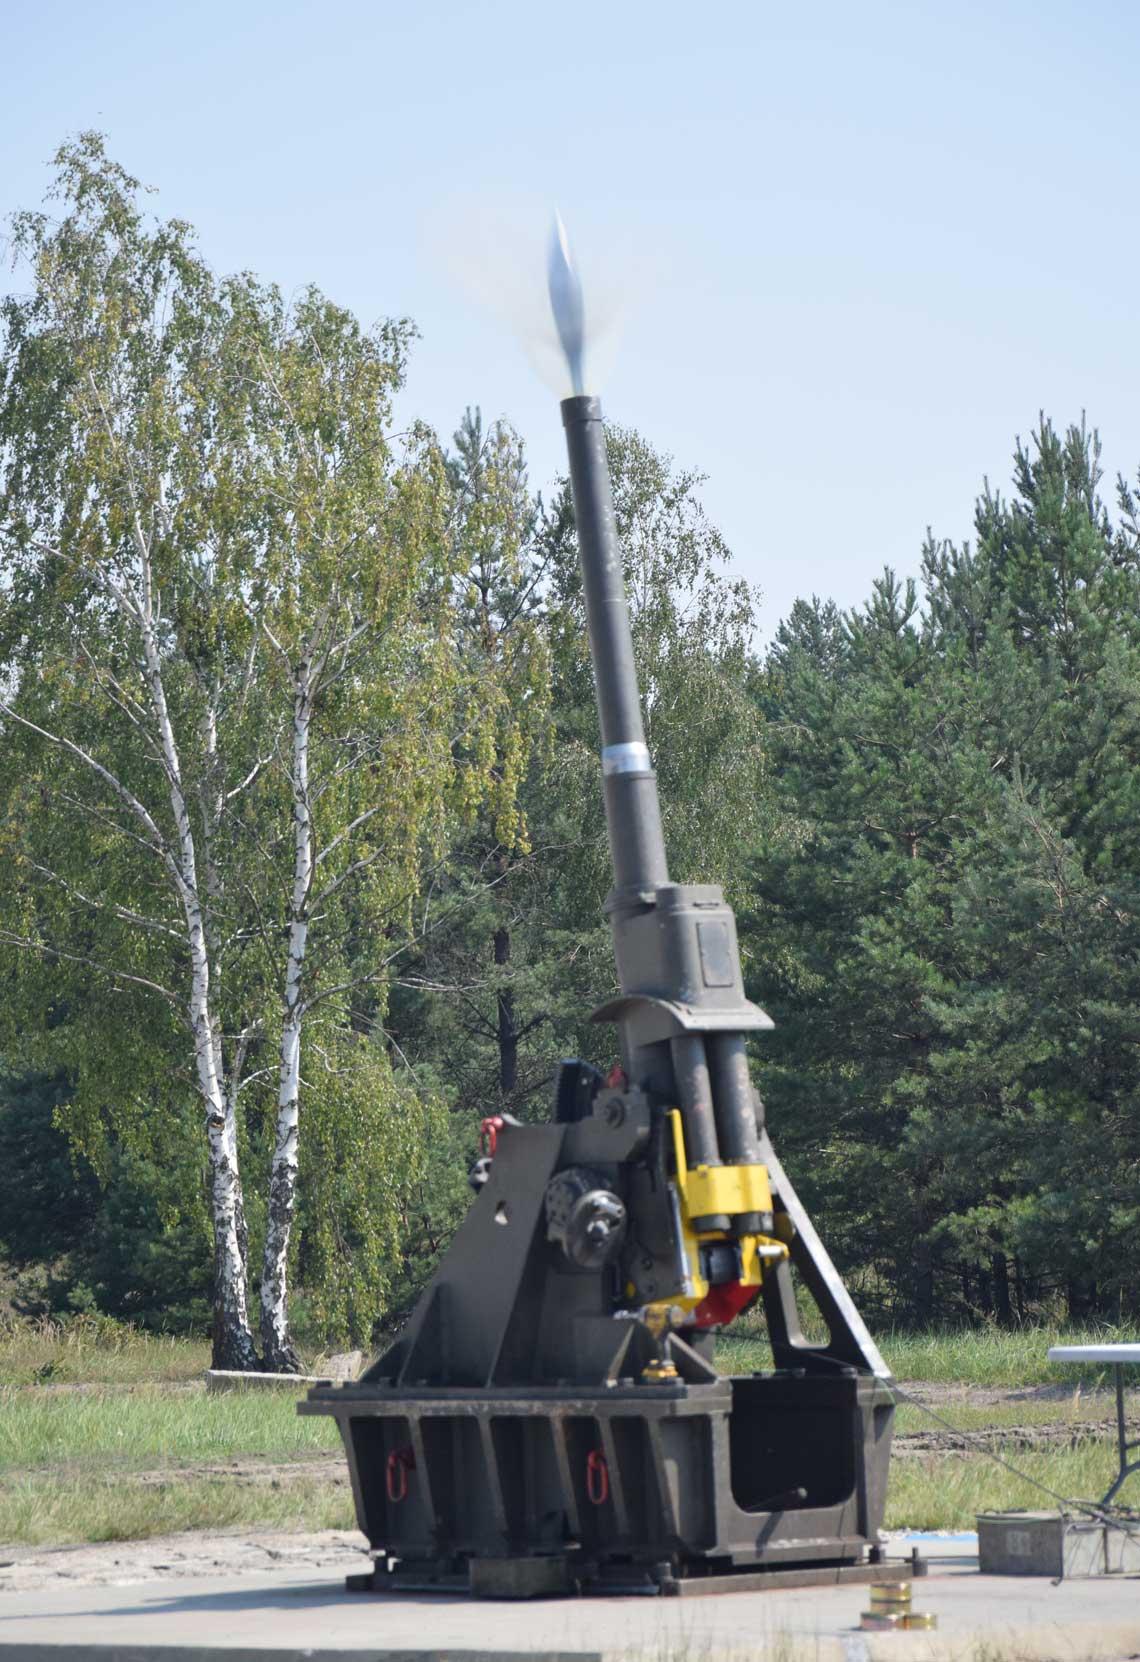 20sierpnia br., strzal 120mm pociskiem HE na poligonie w Nowej Debie w trakcie probnych strzelan, ktore zakonczyly etap badan konstrukcyjnych nowej amunicji.